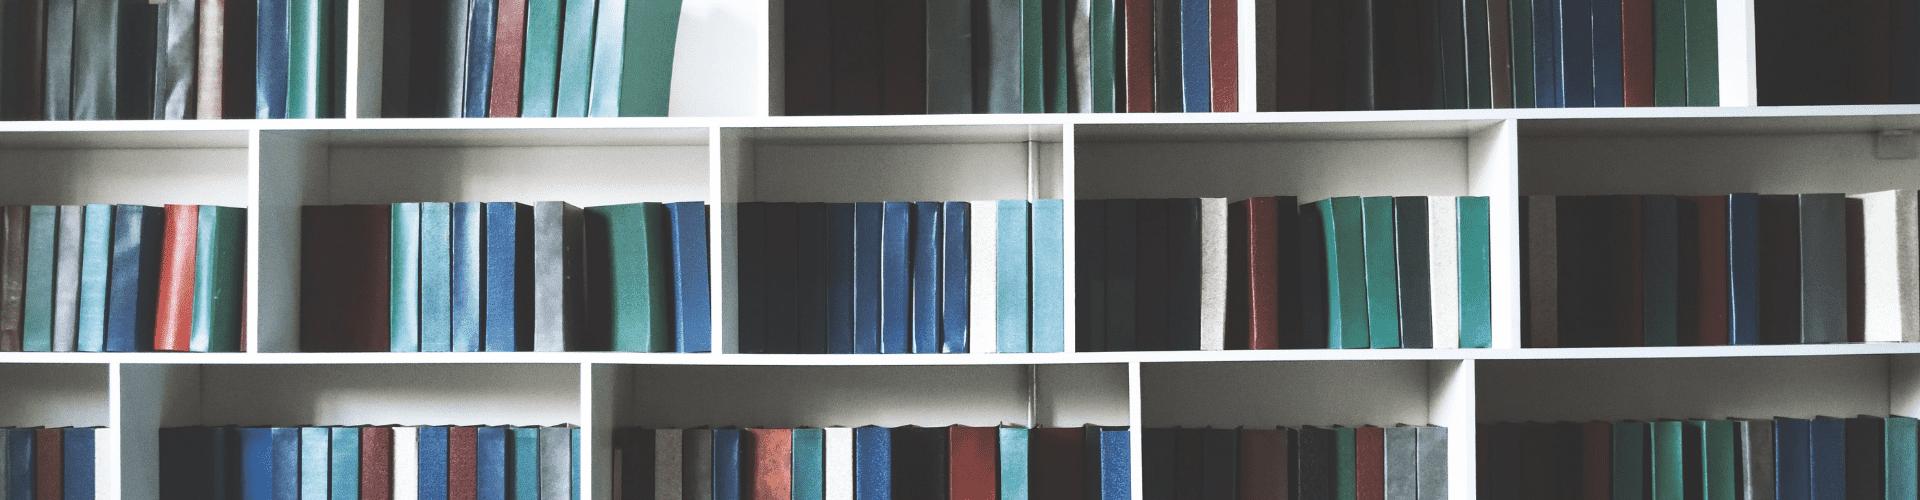 Bibliothèques, colonnes et étagères